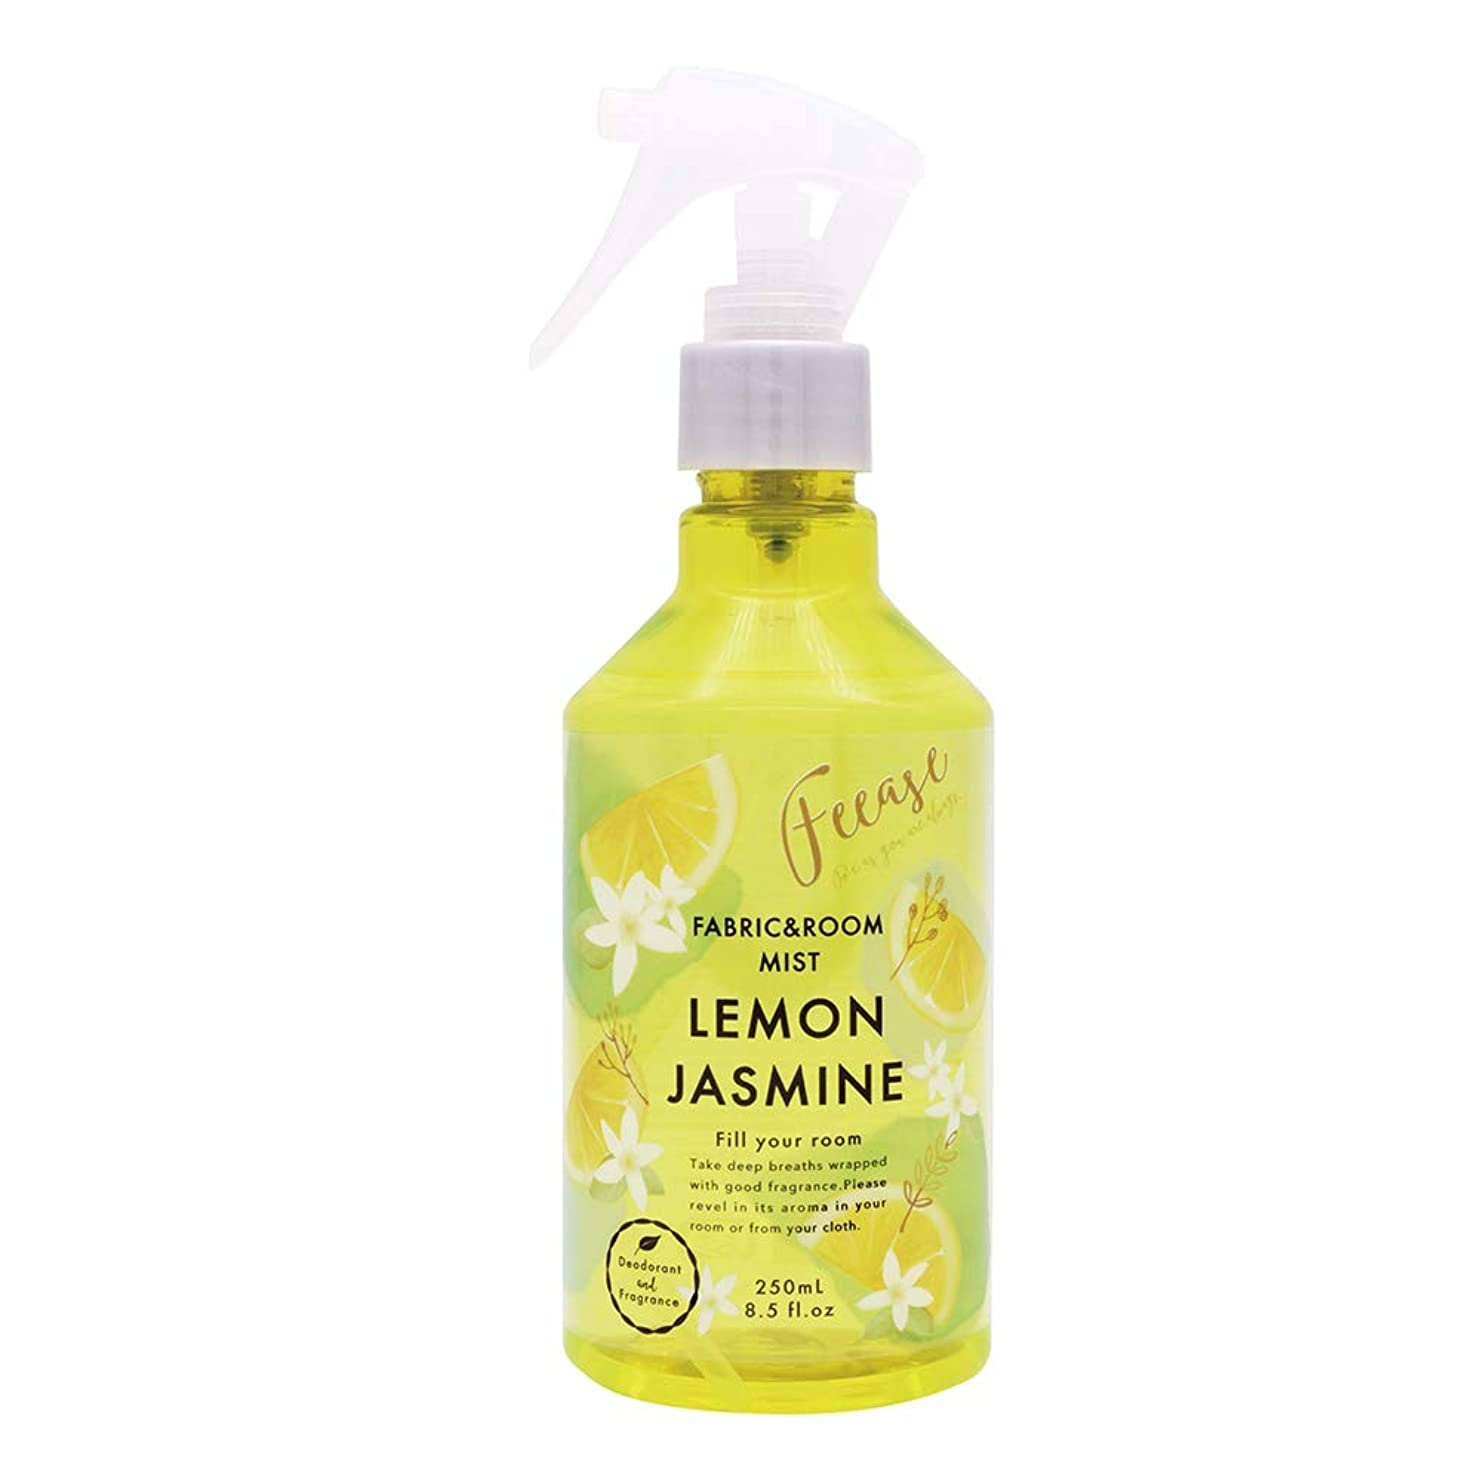 戸棚ペナルティ申請中ノルコーポレーション ルーム&ファブリックミスト フィース 消臭成分配合 レモンジャスミンの香り 250ml OA-FEE-1-3